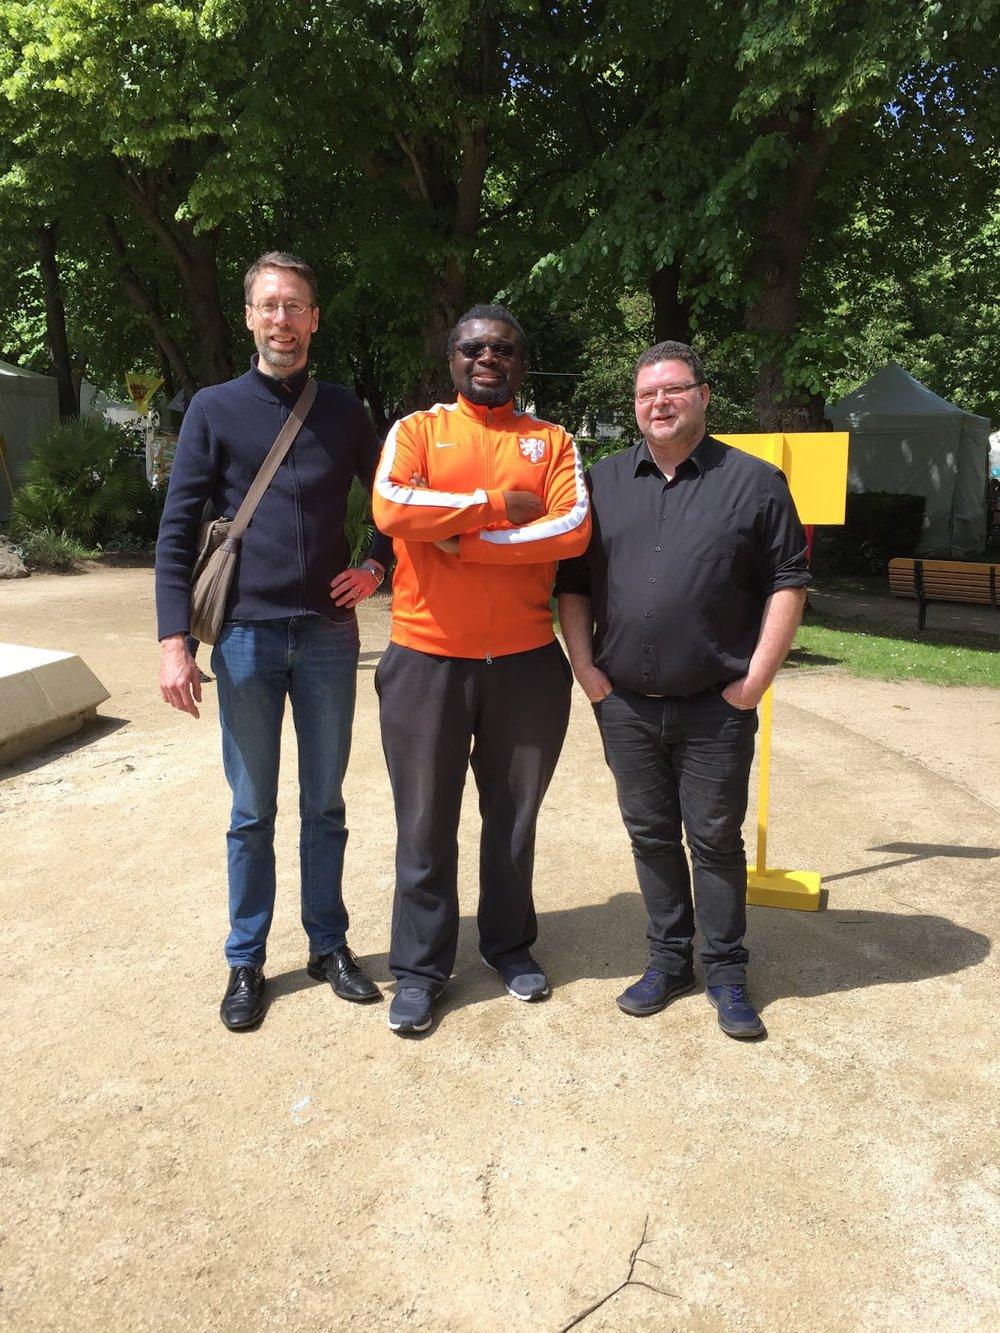 """Le Directeur Yann Peire (à droite): """"Apprendre à conduire un vélo, c'est apprendre aussi à se conduire"""". Au milieu: Nzeza Yoly, l'éducateur de rue sur Sceaux et Fontenay-aux-Roses. A gauche: Stein van Oosteren, Président de FARàVélo."""